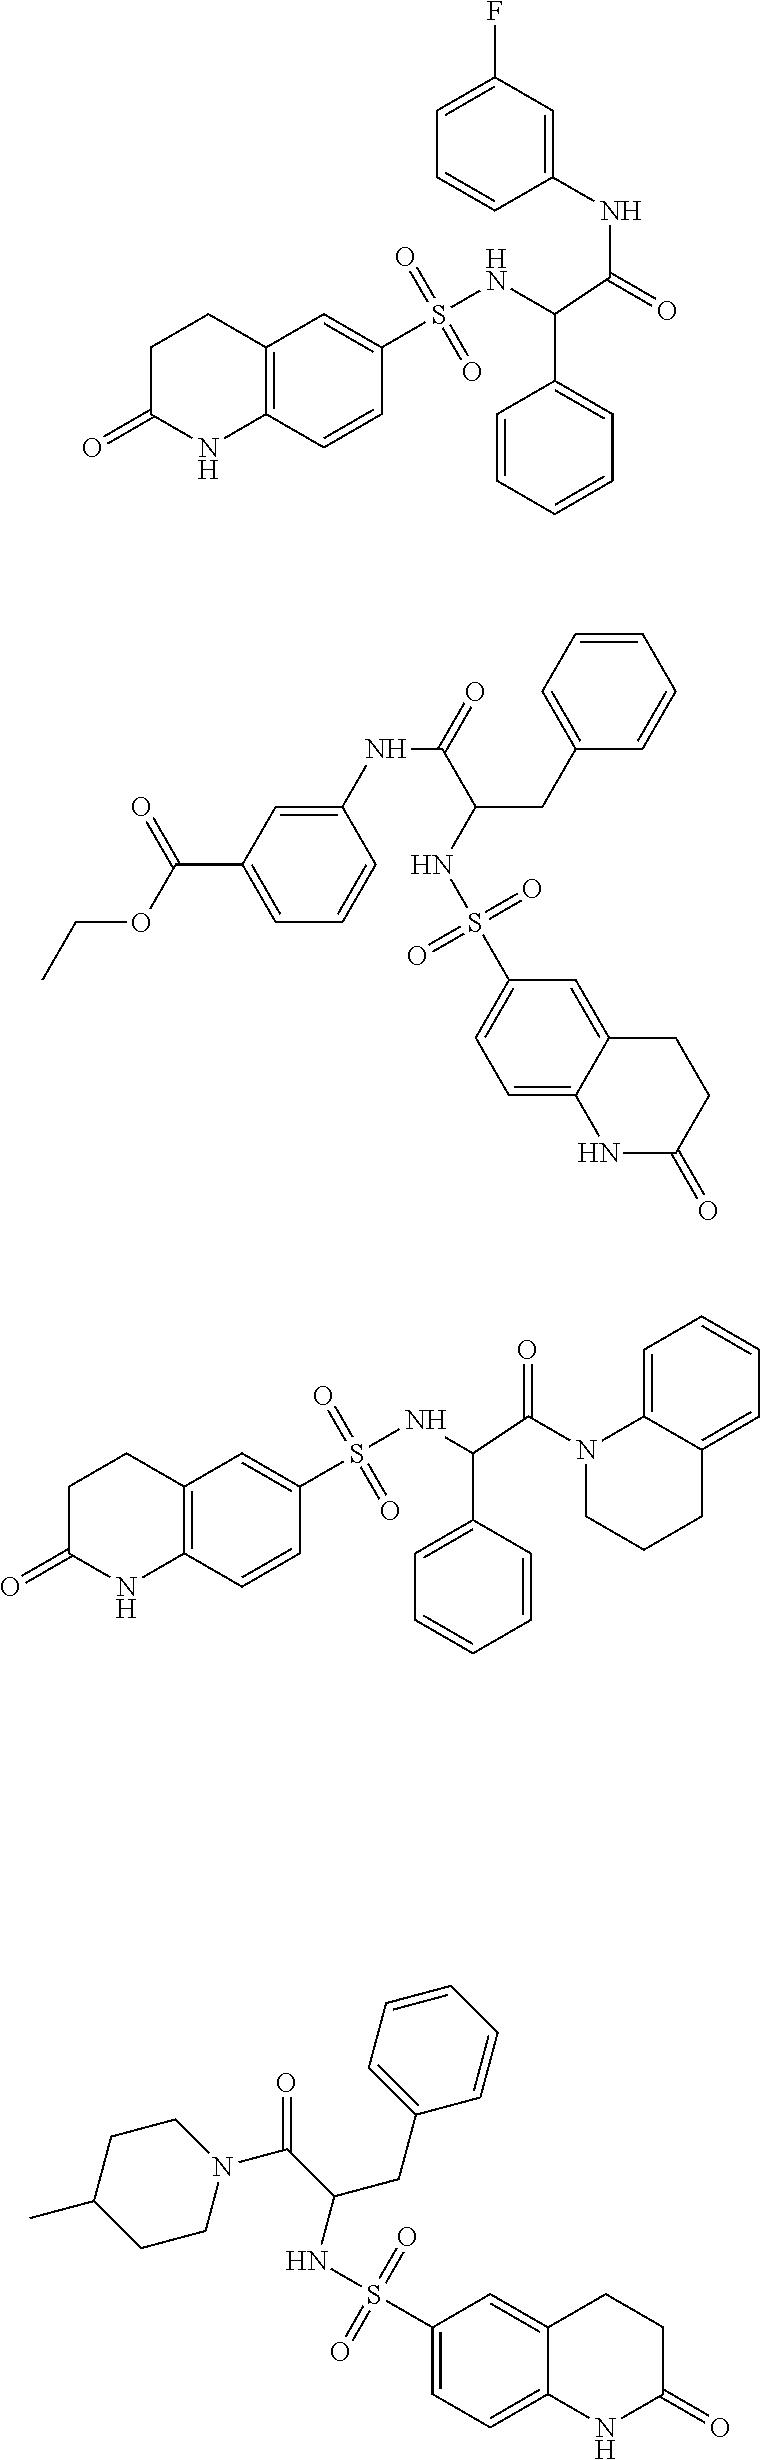 Figure US08957075-20150217-C00029